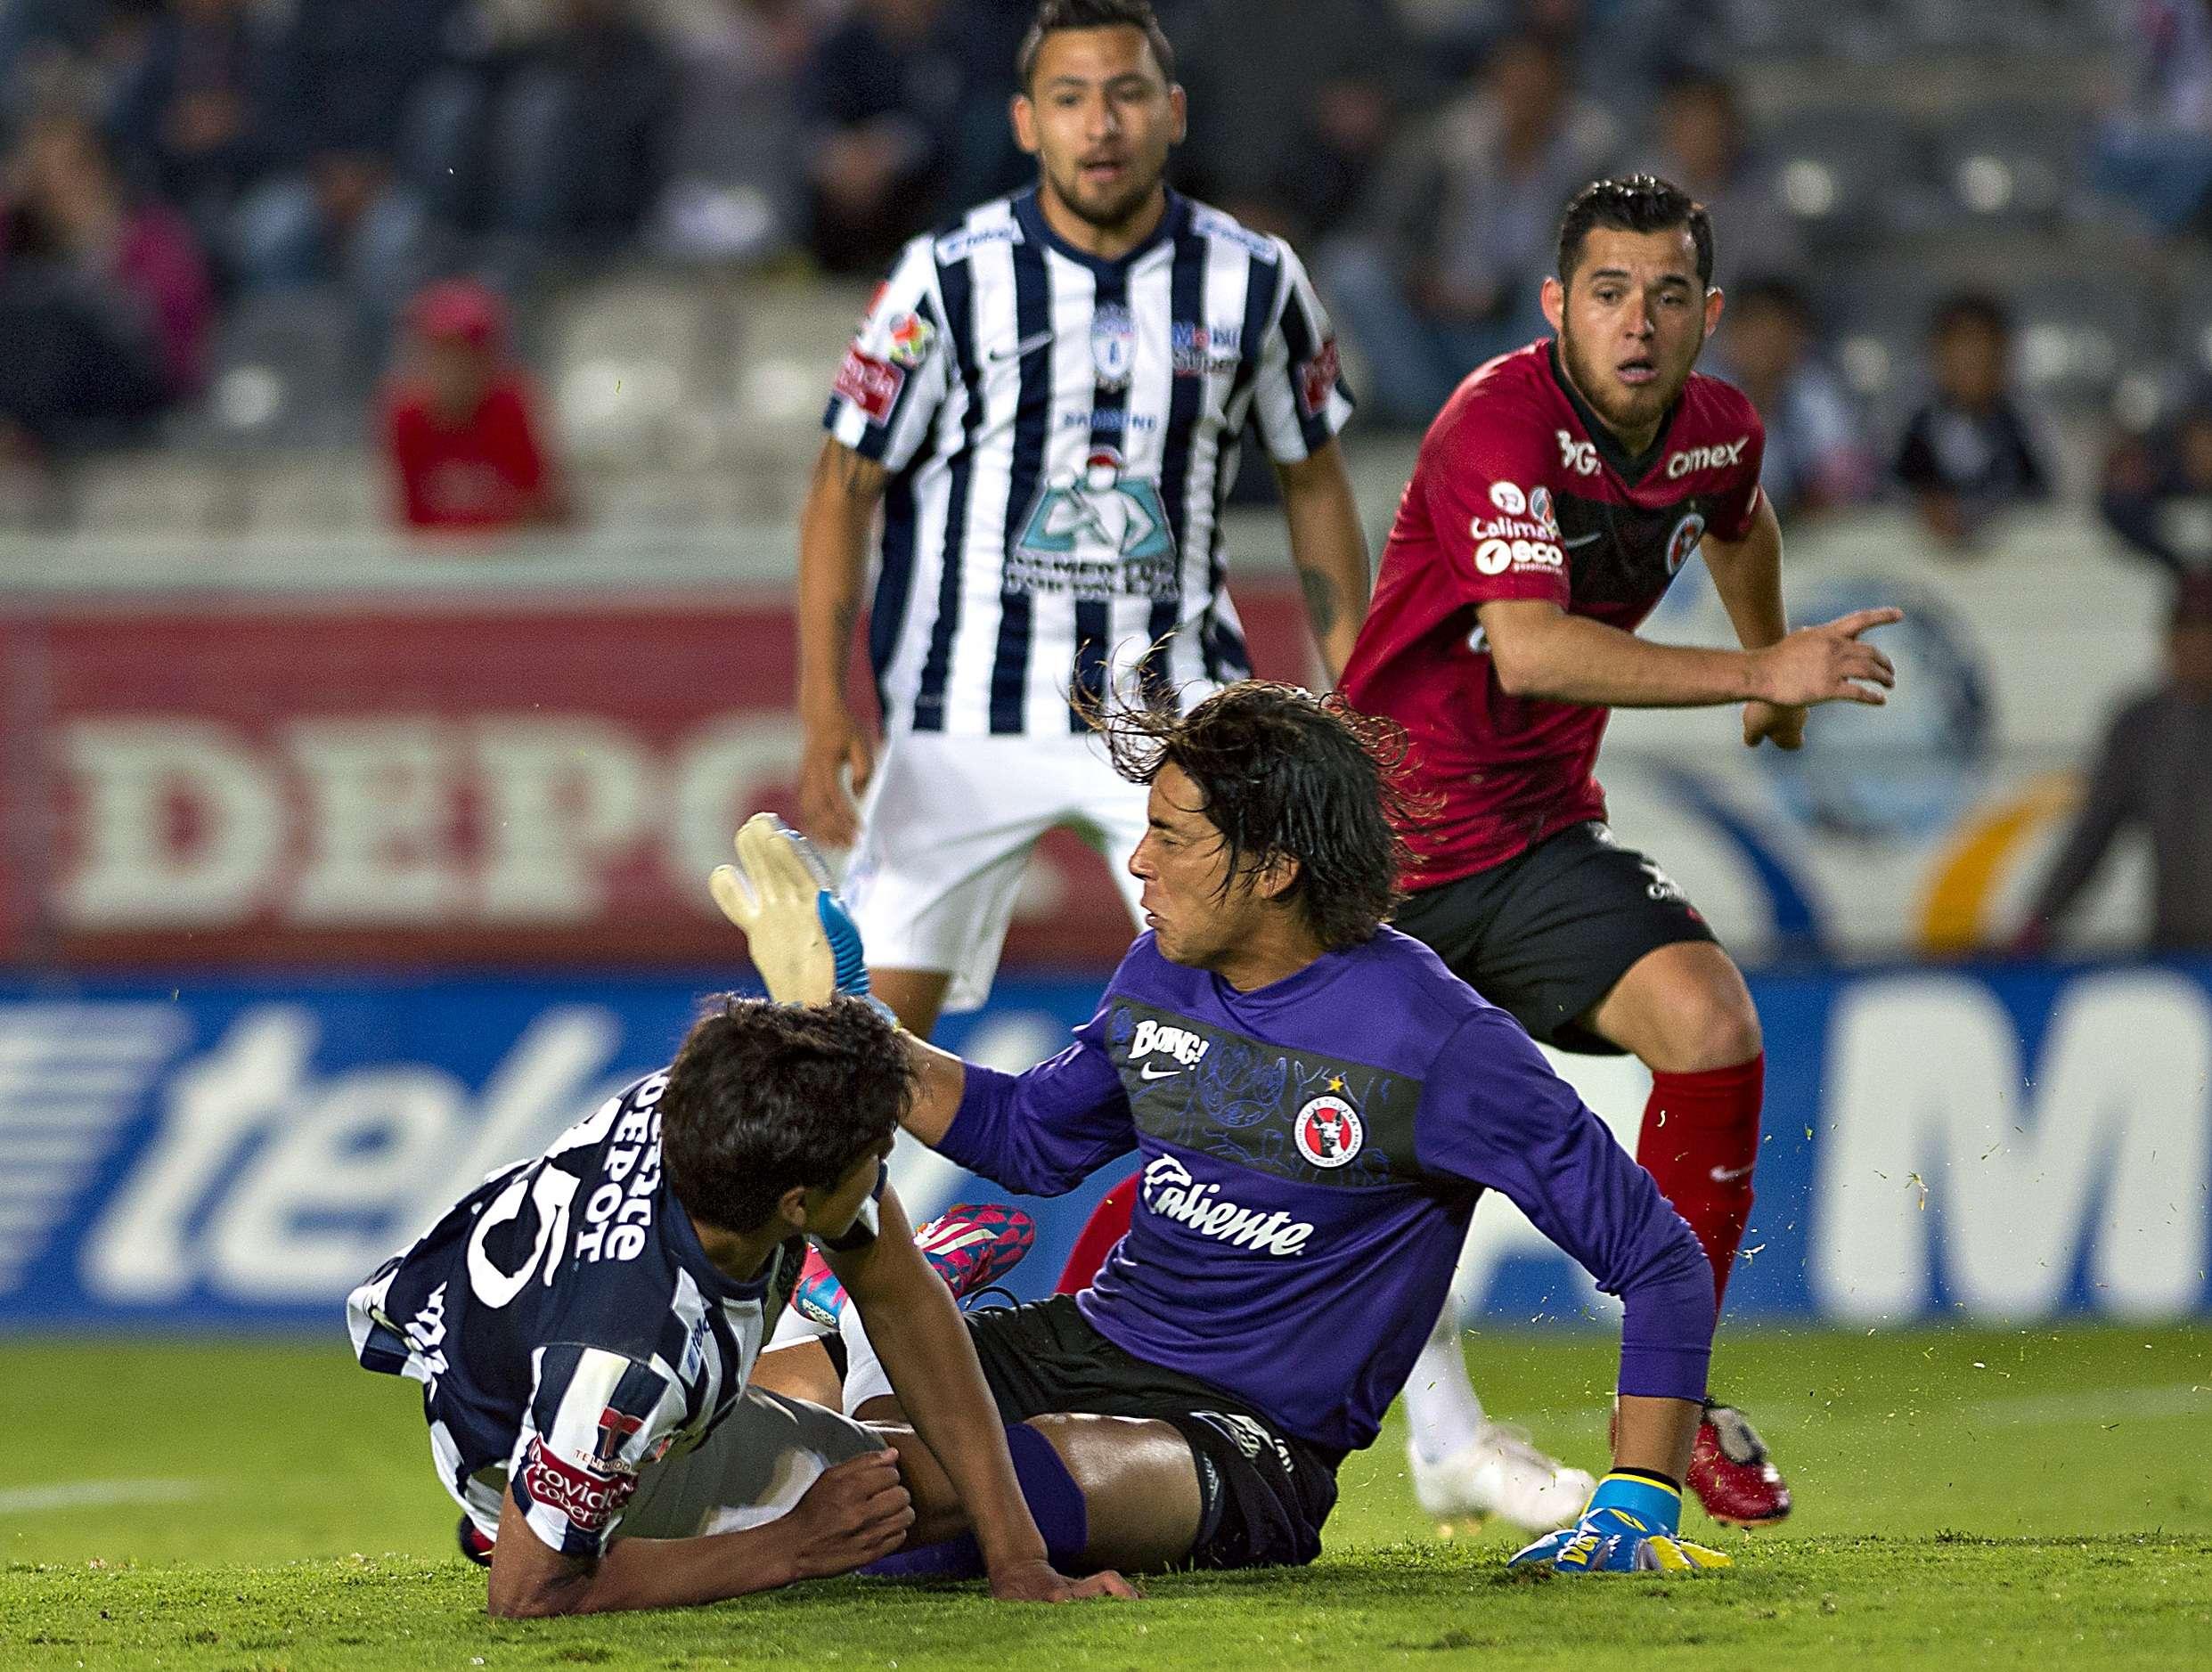 Cirilo Saucedo tuvo una gran noche para ayudar a Xolos a conseguir el empate ante Pachuca. Foto: Mexsport